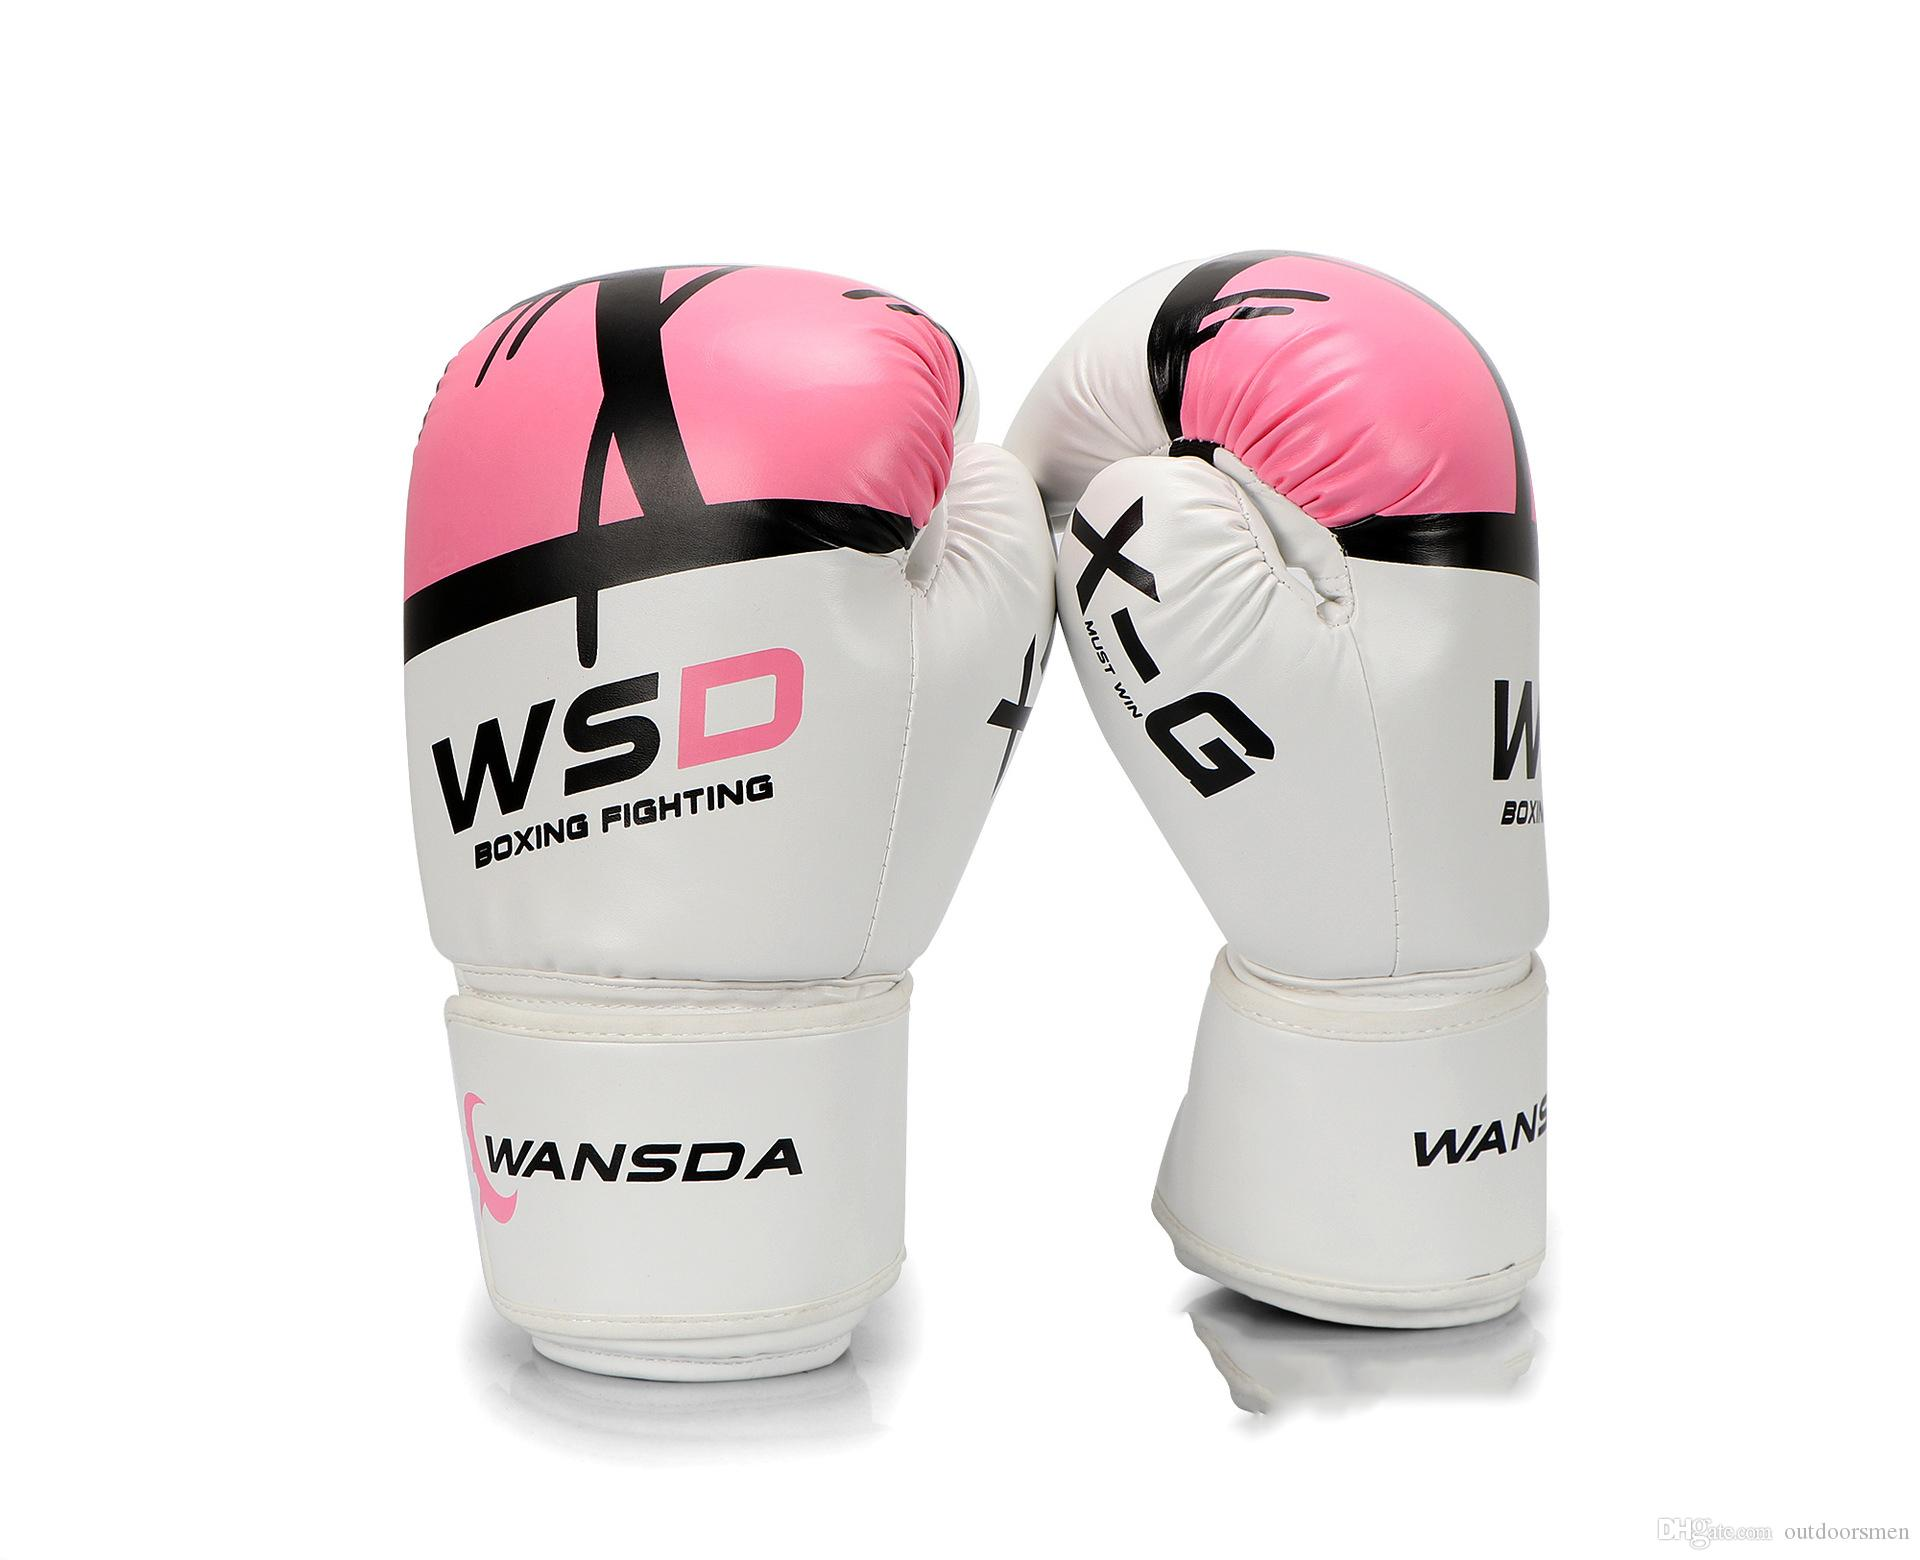 Gants de boxe MMA Muay Thai Boxe De Luva Mitaines Sanda Equipements 6 8 10 12 OZ rose gant de boxe pour femmes